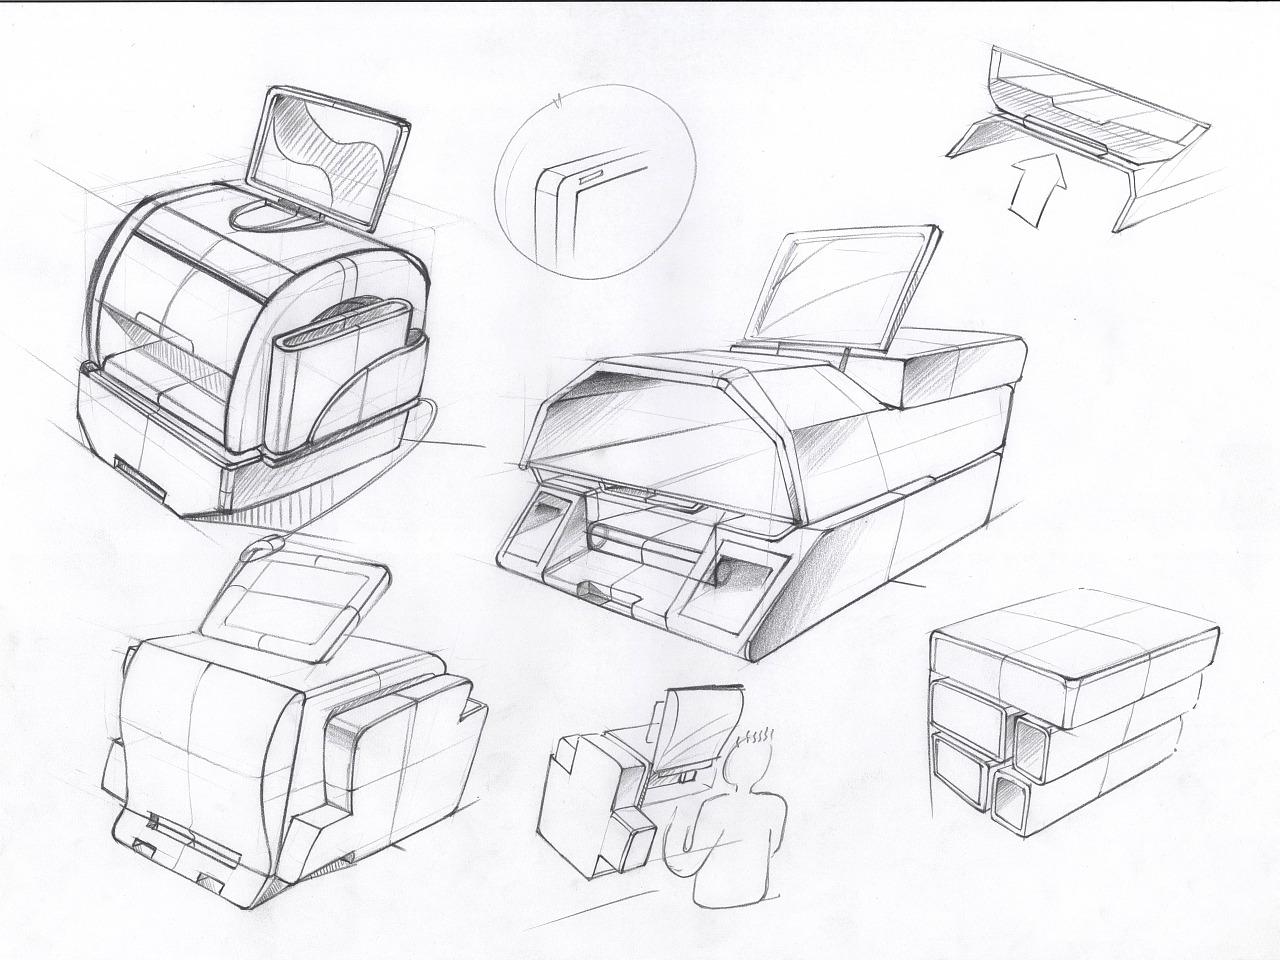 玩玩手绘|工业/产品|电子产品|echo焱 - 原创作品